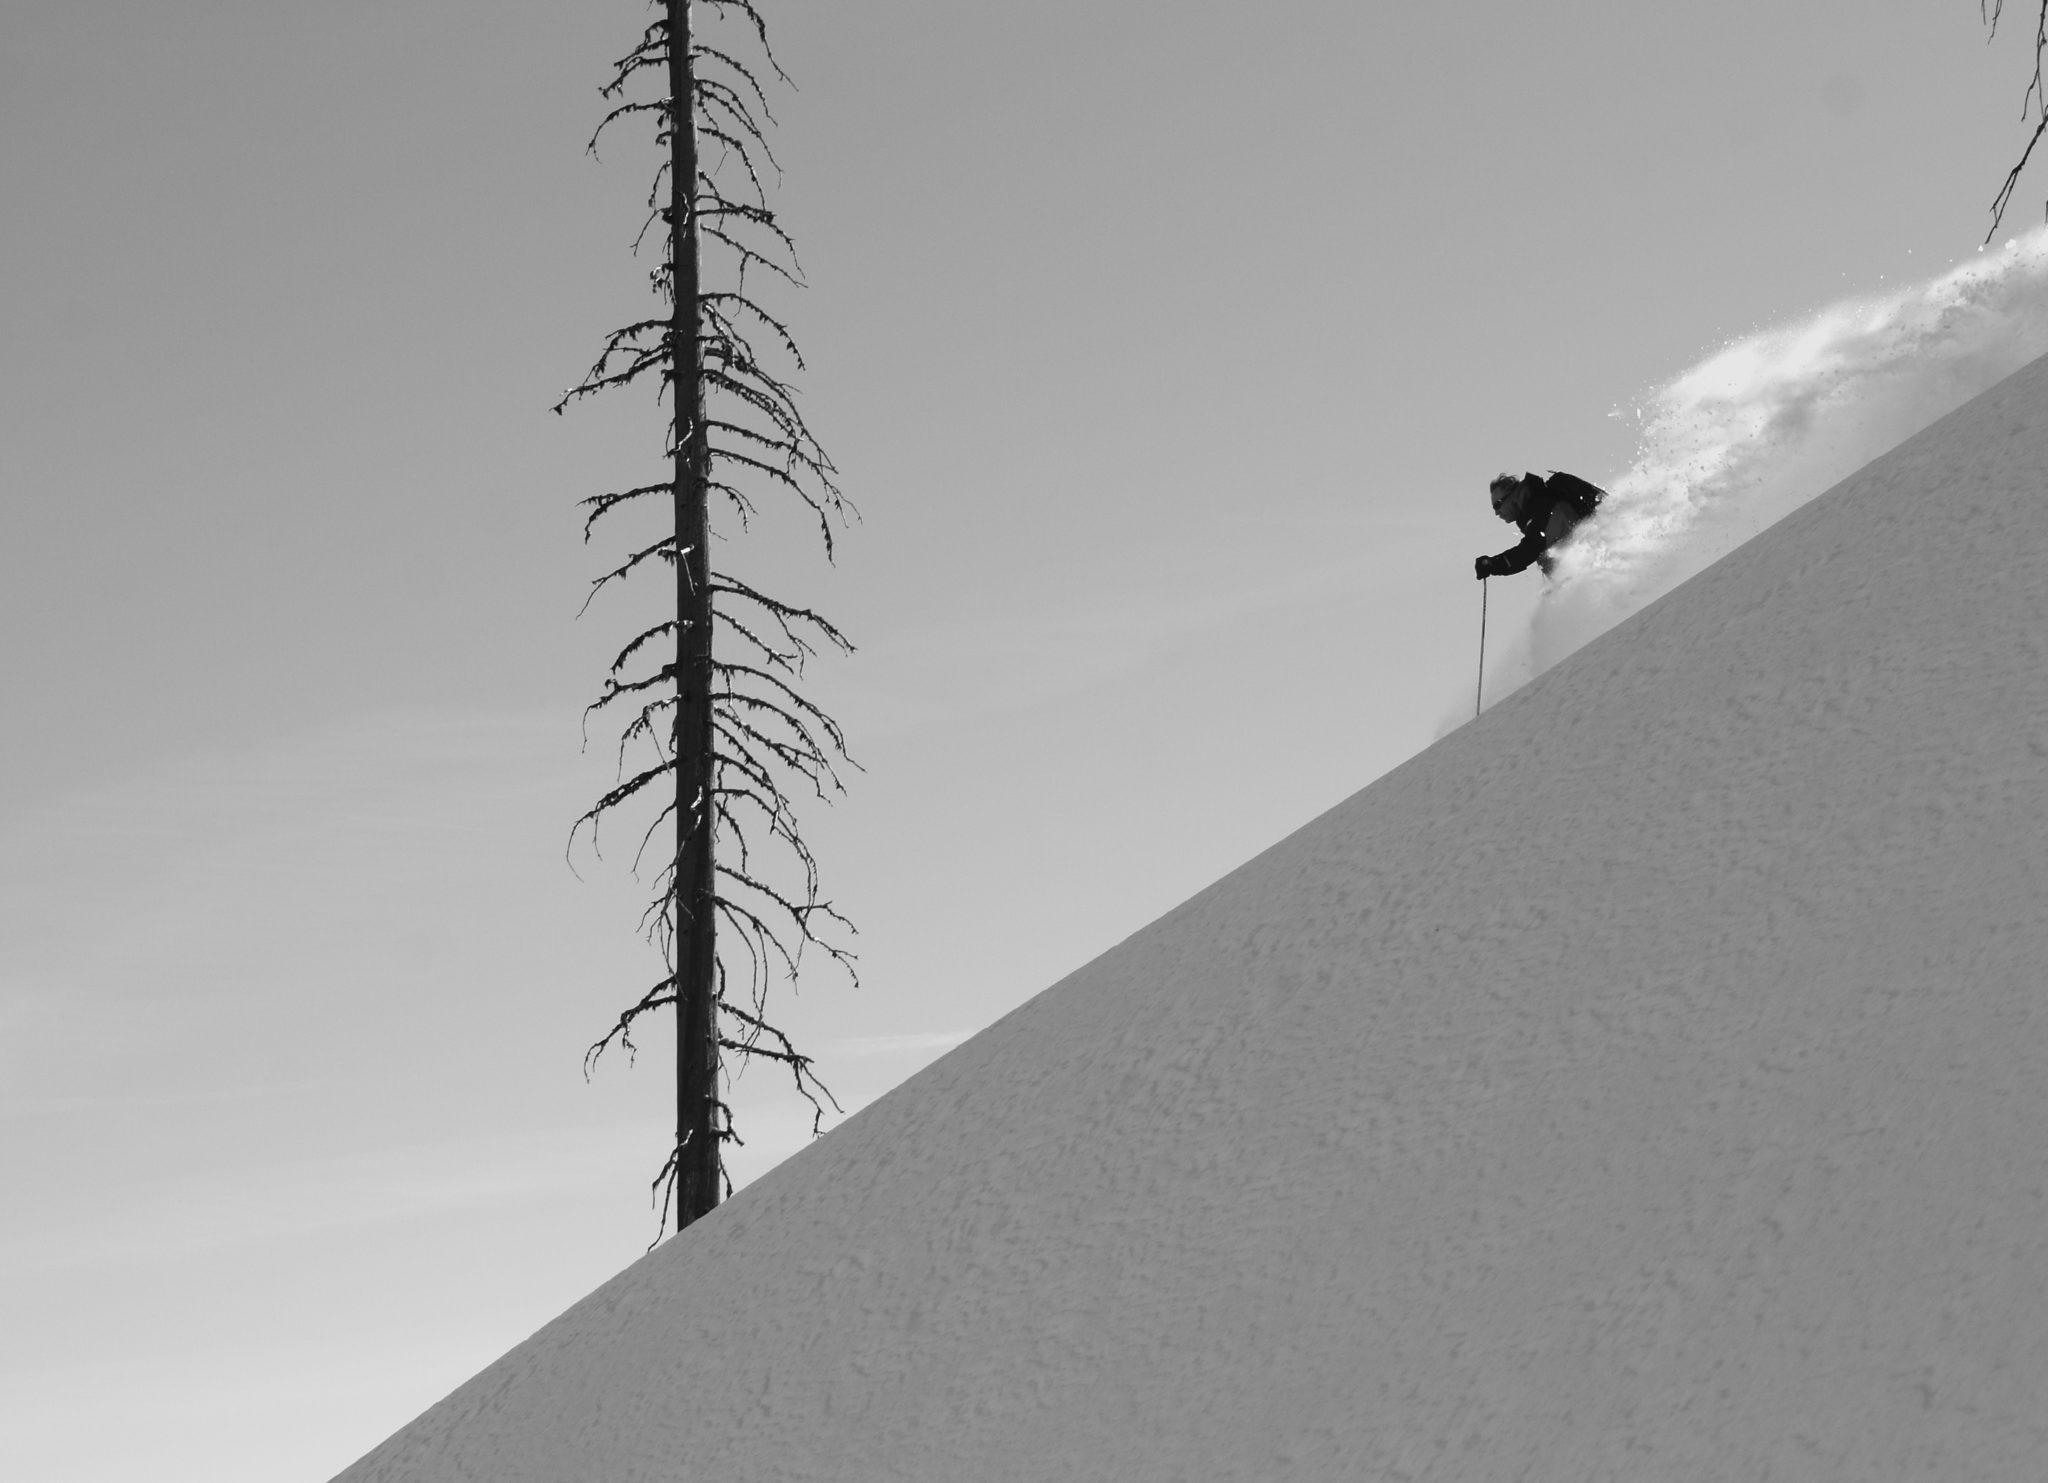 photo: Derek Vanderkooy